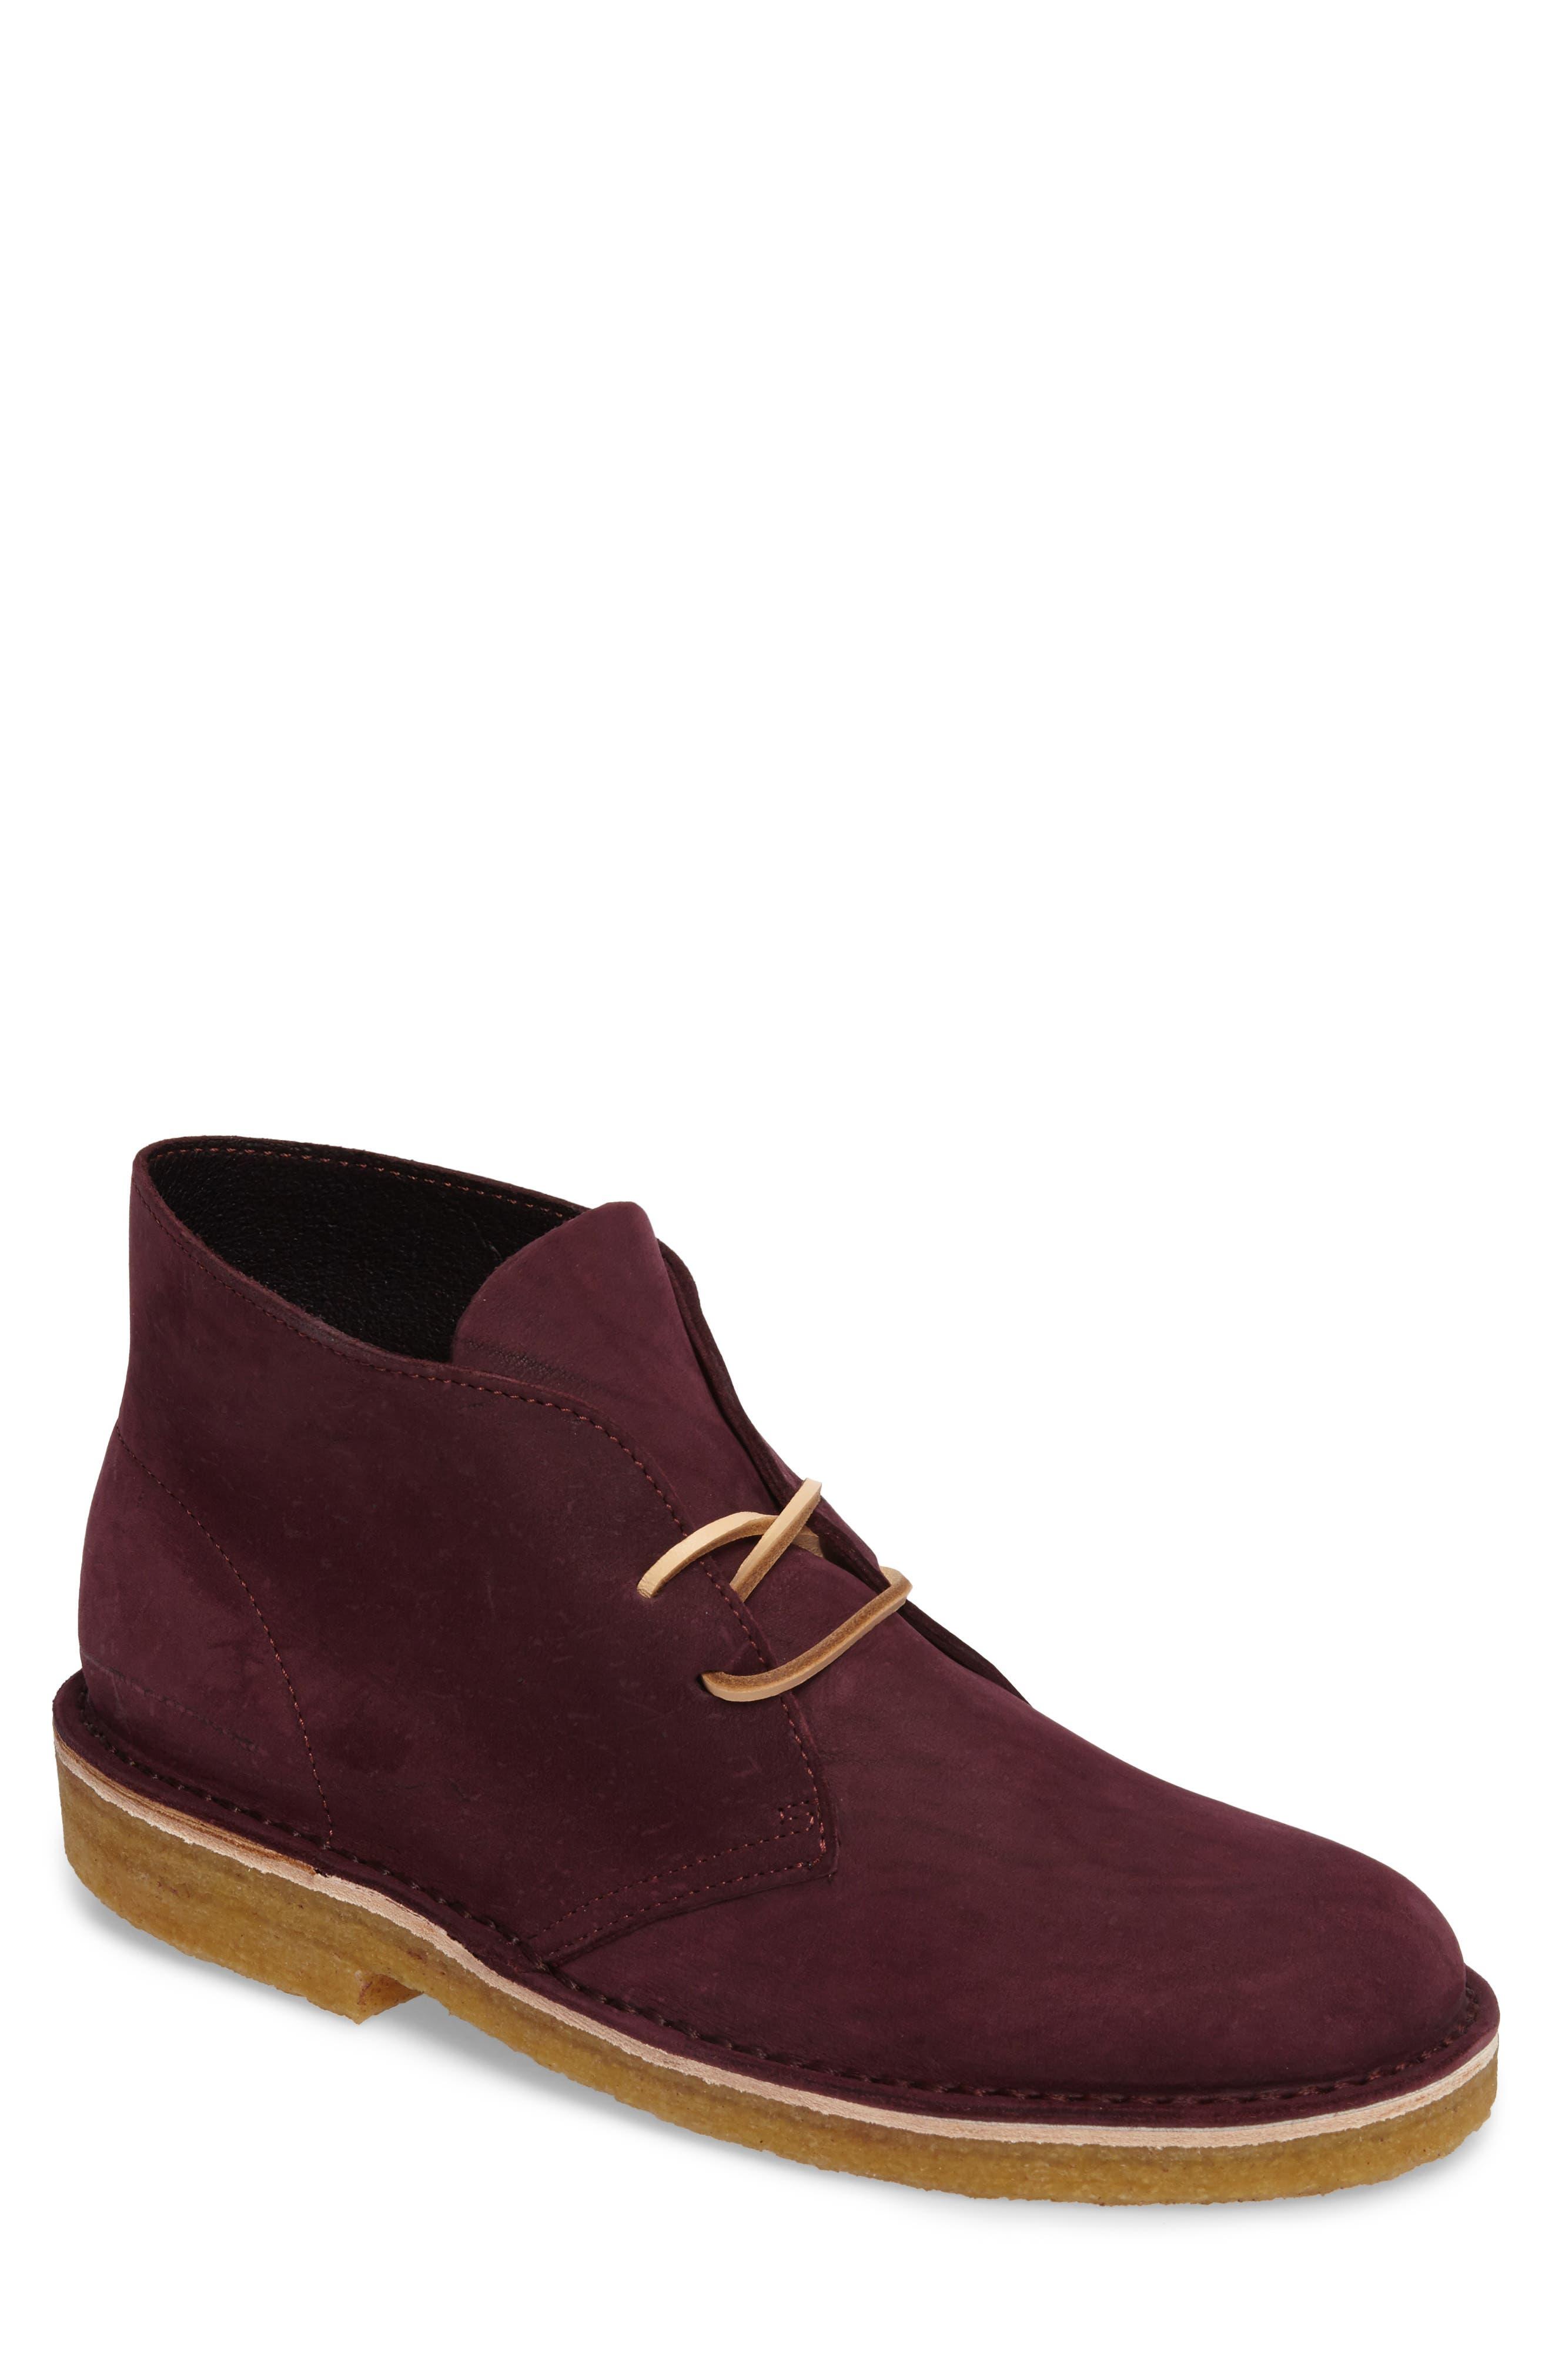 Clarks Desert Chukka Boot- Burgundy